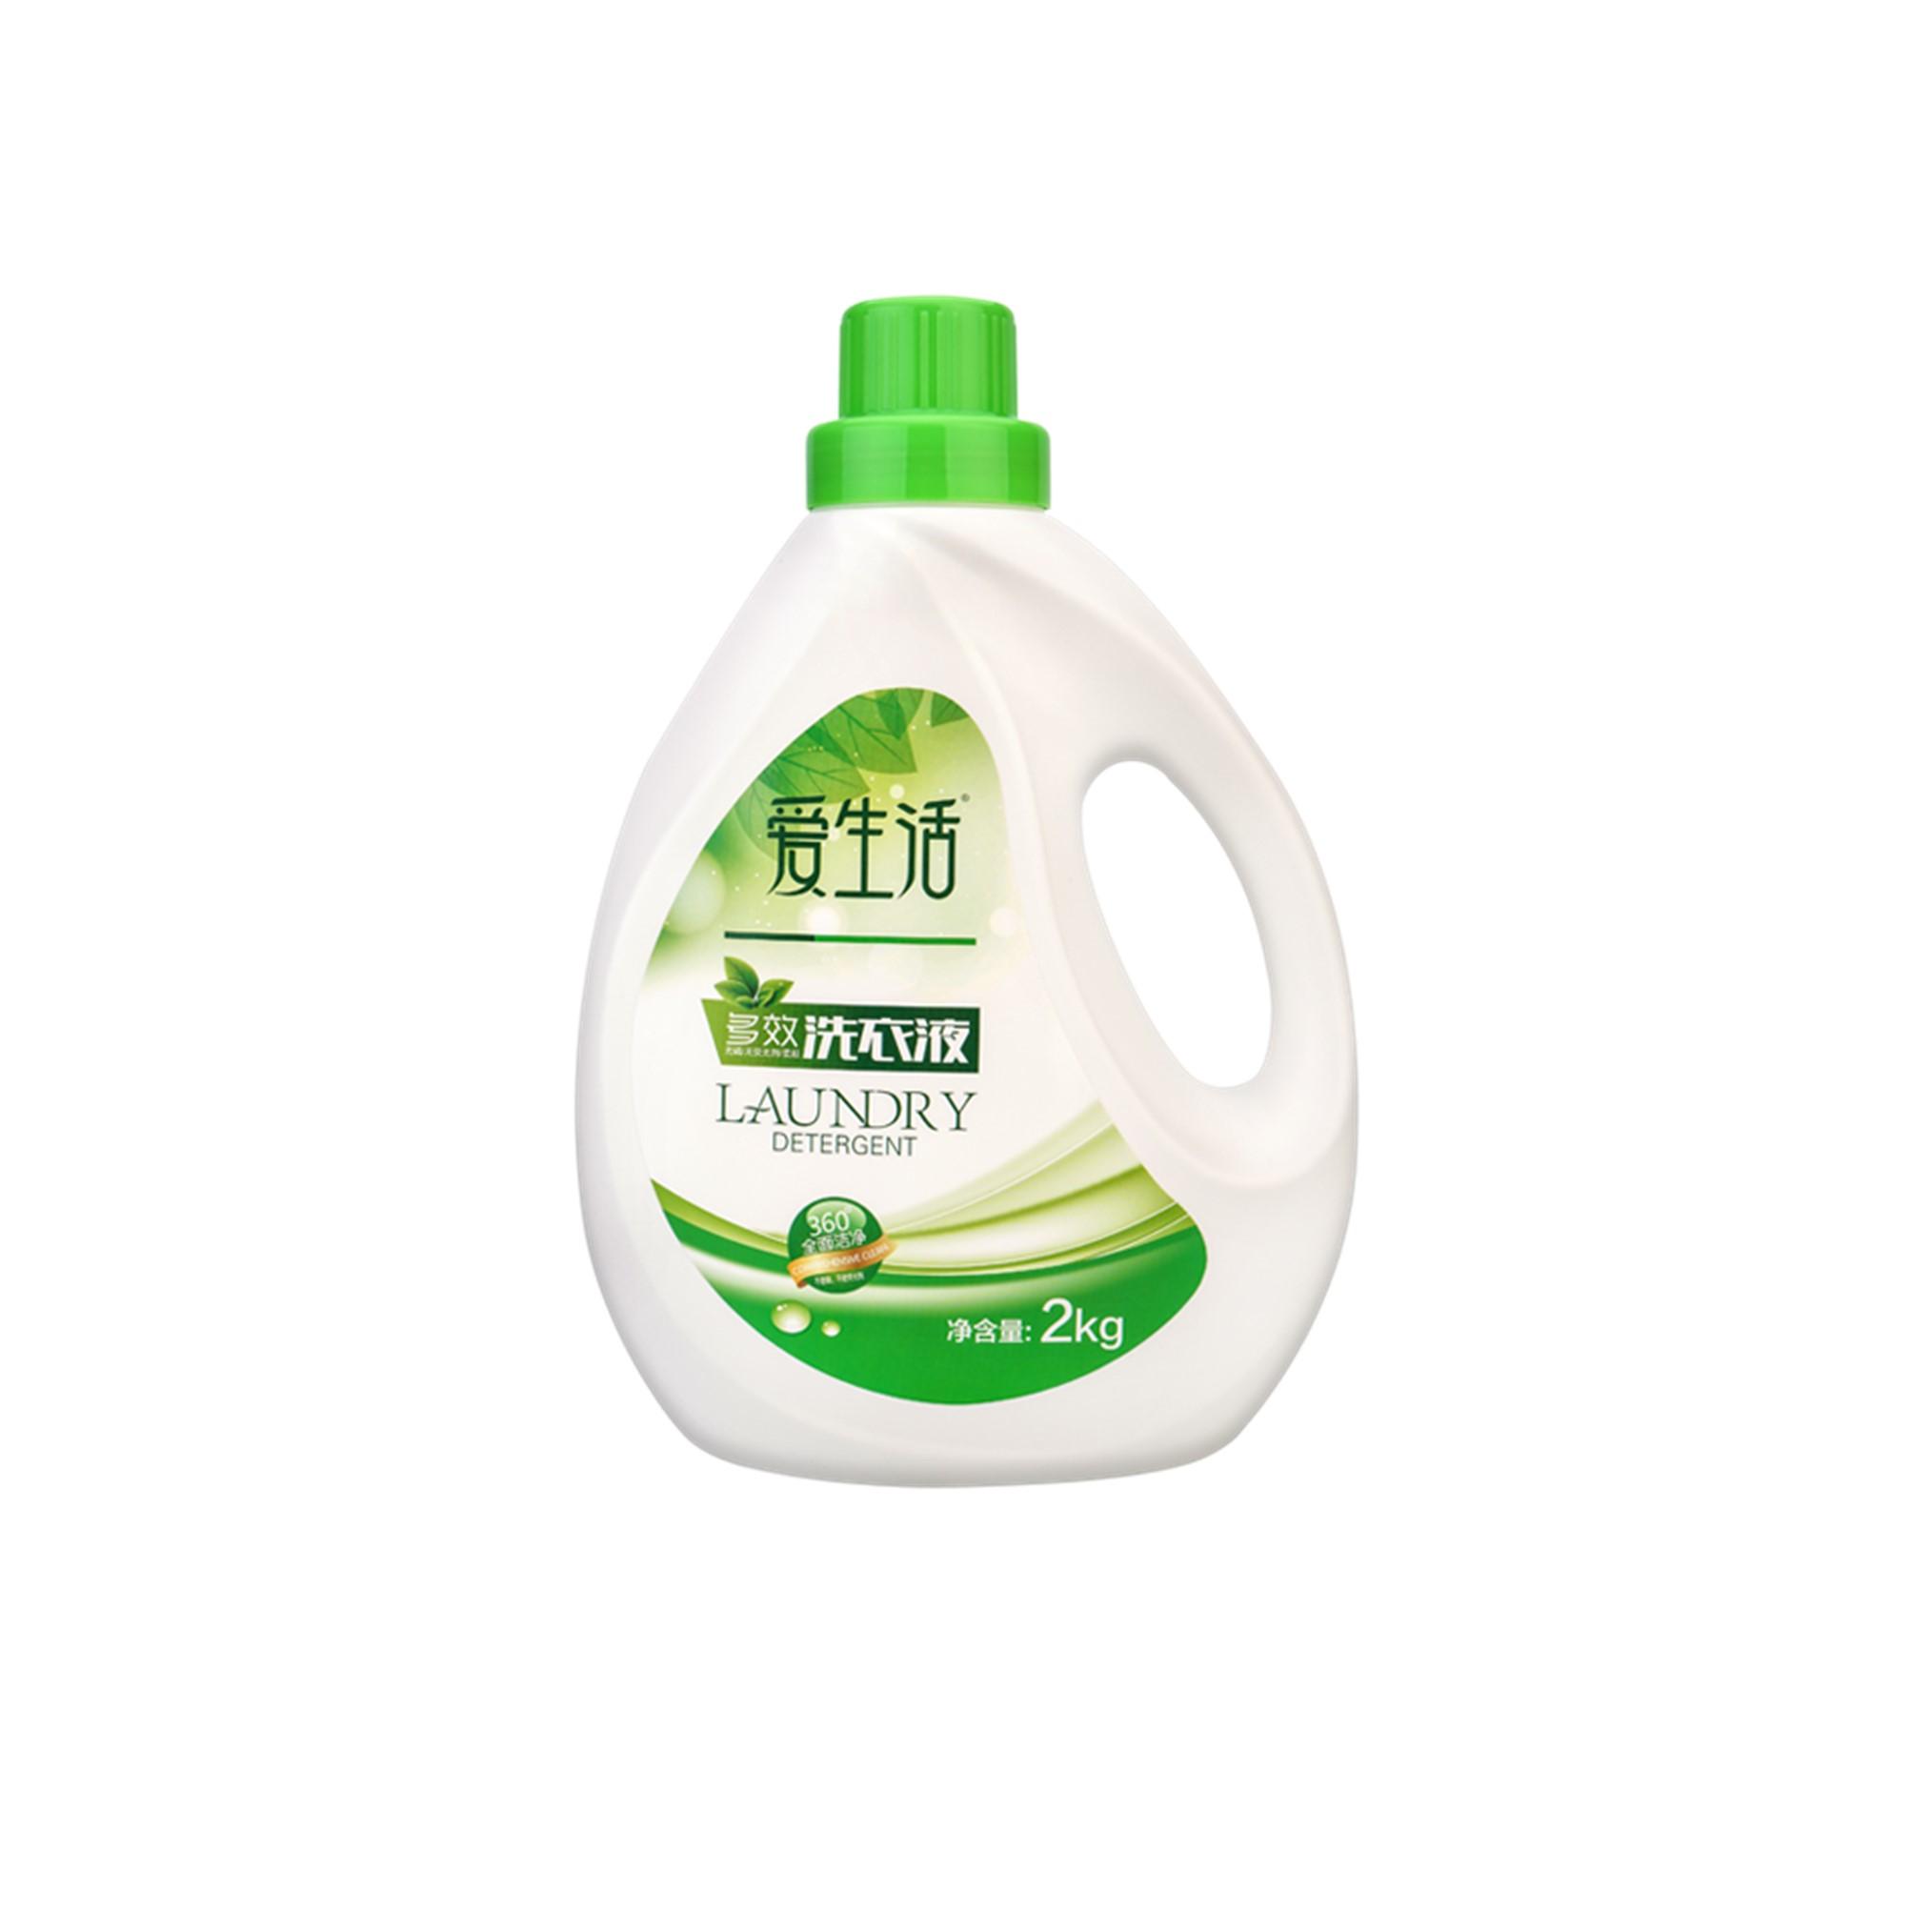 iLiFE Laundry Detergent 2kg